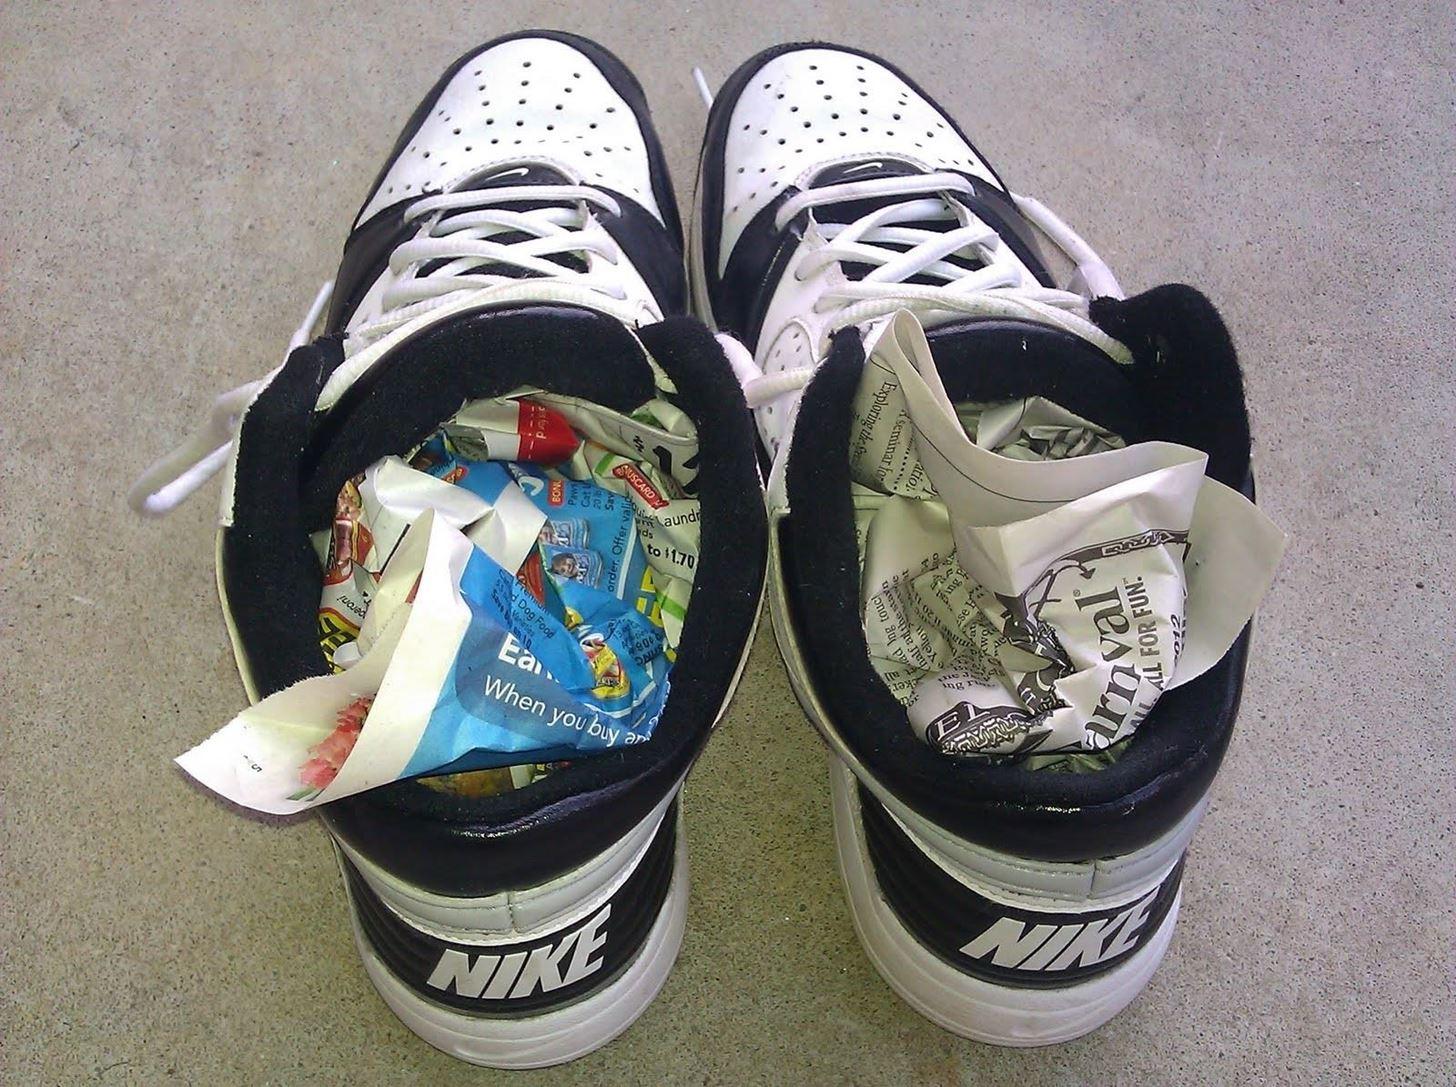 Как убрать неприятный запах из обуви в домашних условиях - применение различных способов + фото и видео